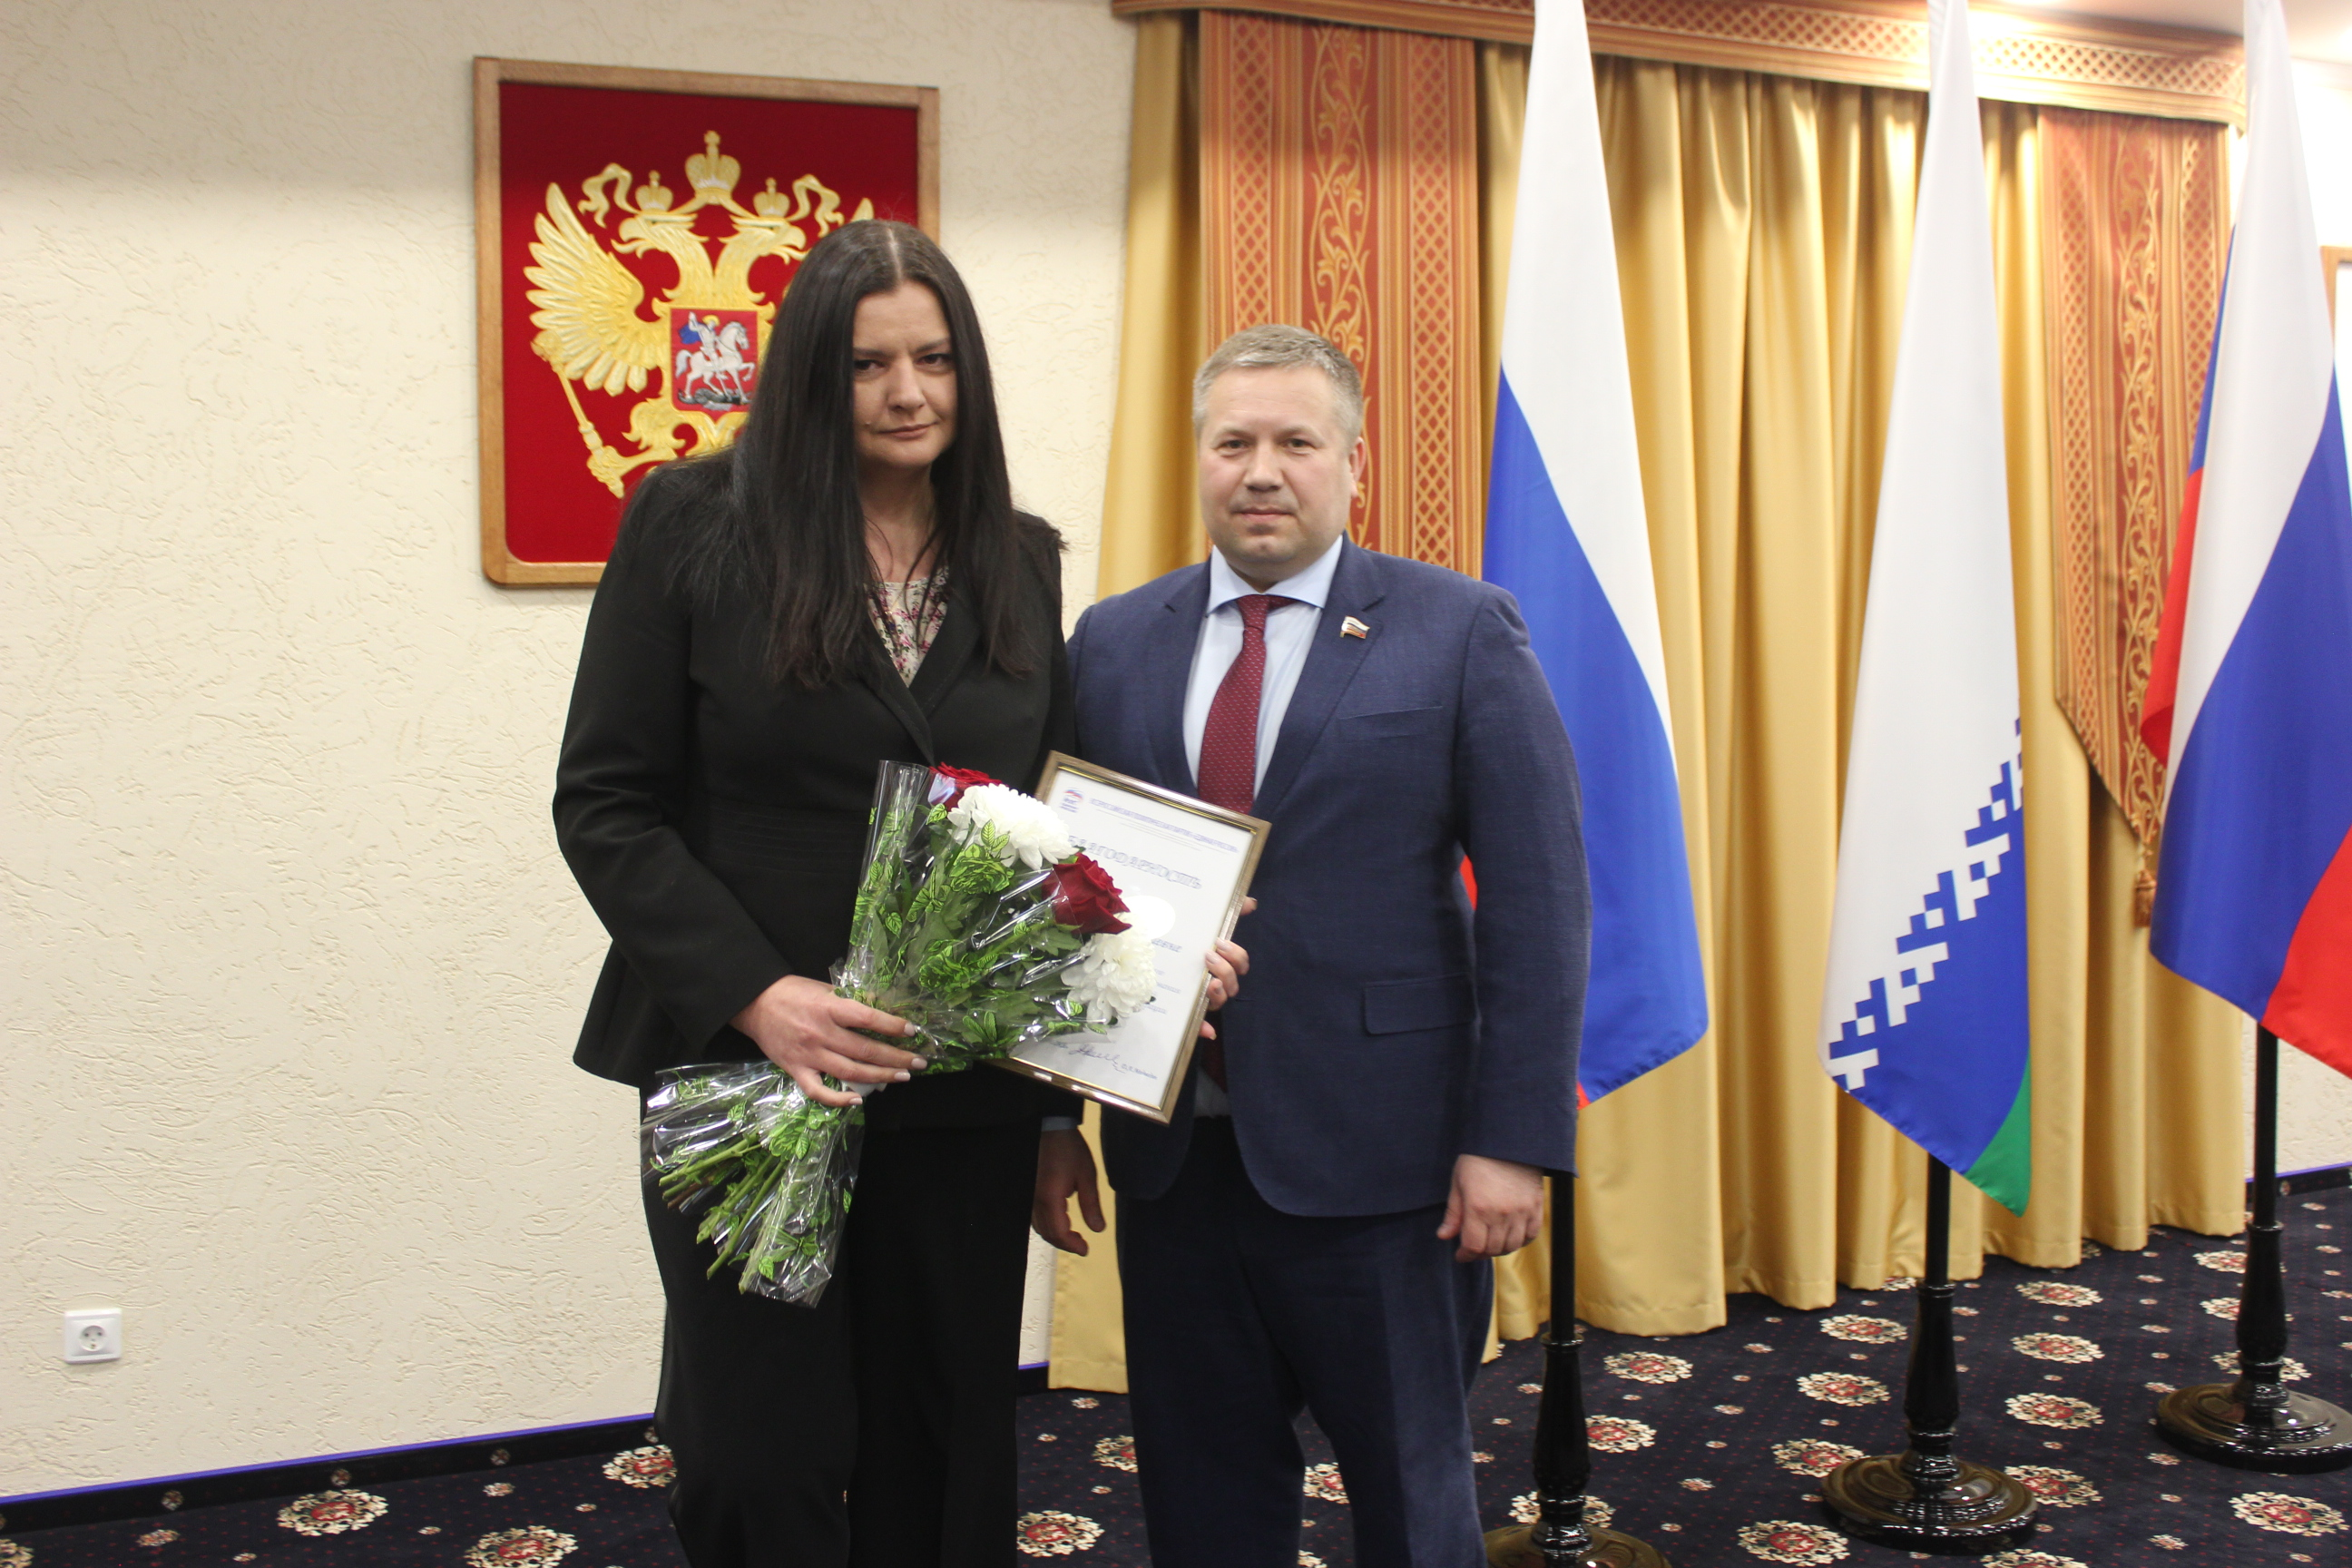 Благодарность Председателя партии Дмитрия Медведева и букет цветов вручены Татьяне Ждановой